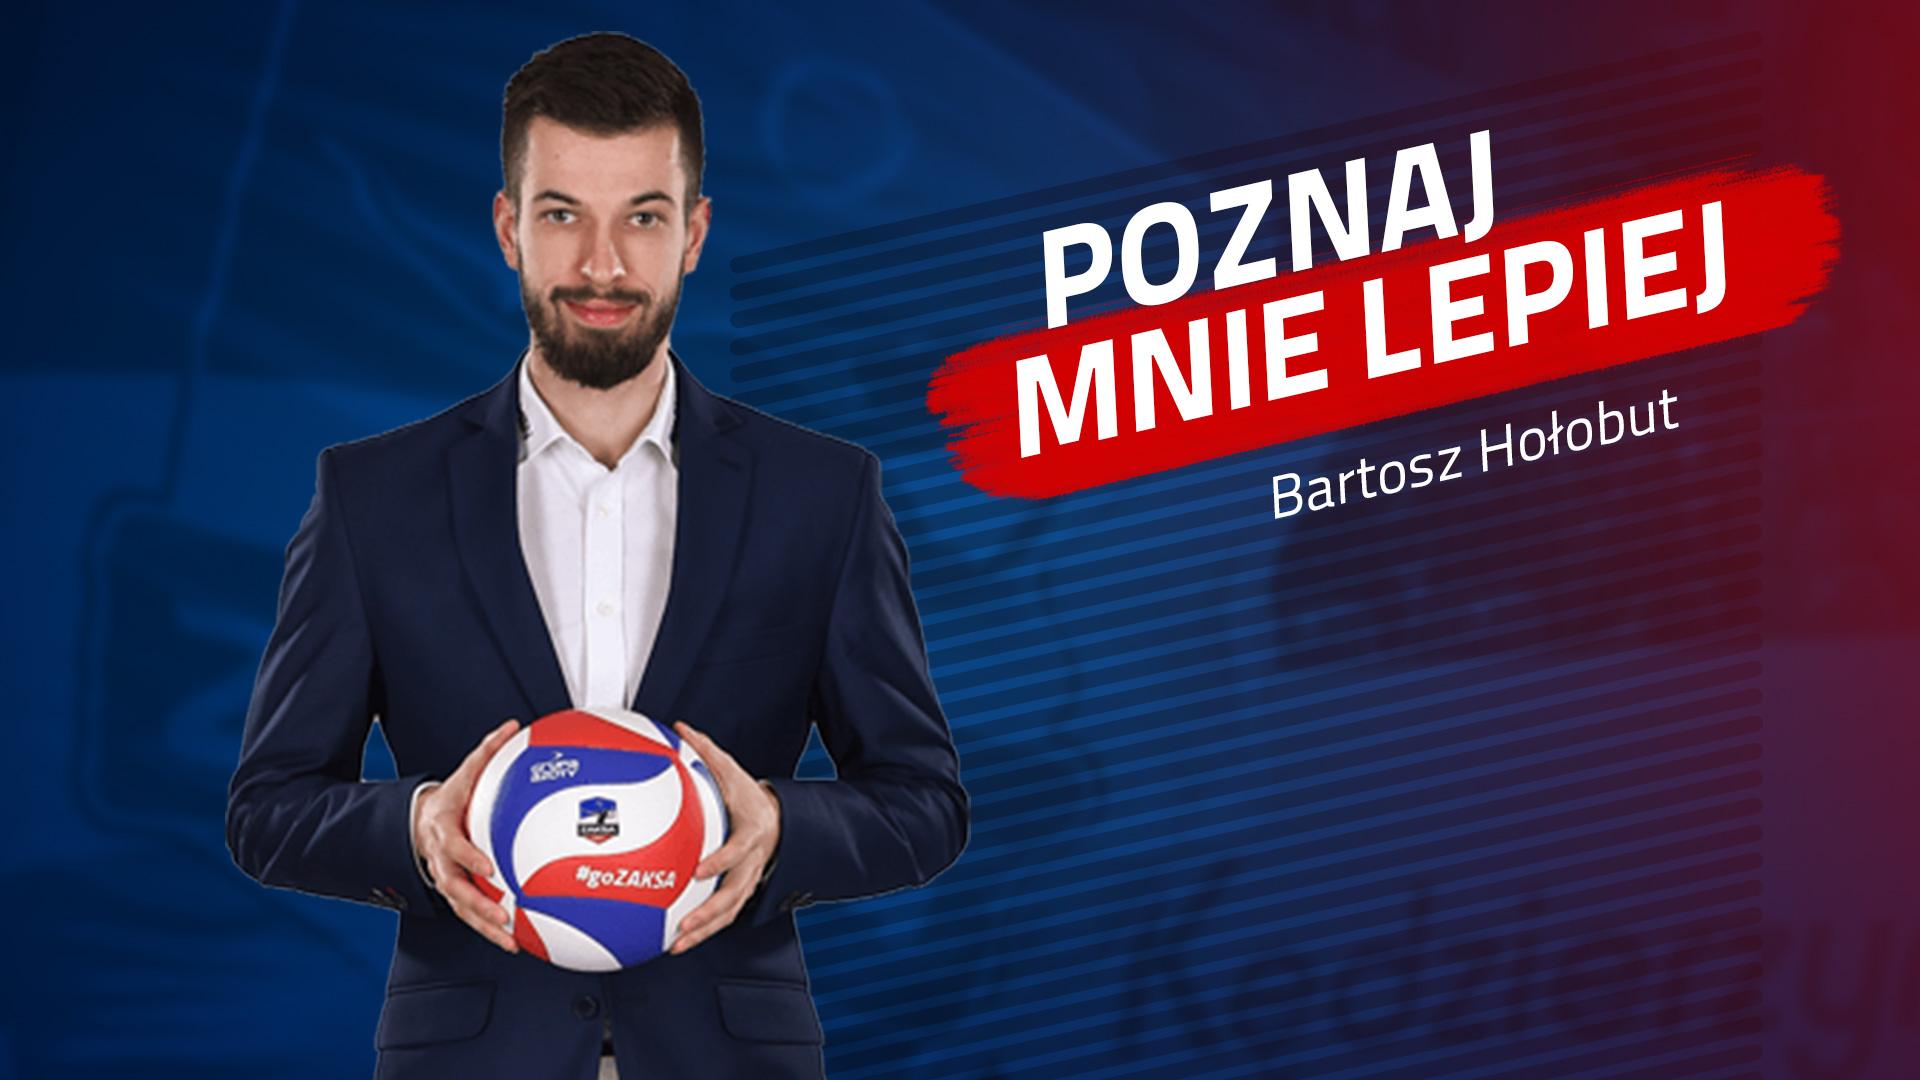 Poznaj mnie lepiej: Bartosz Hołobut